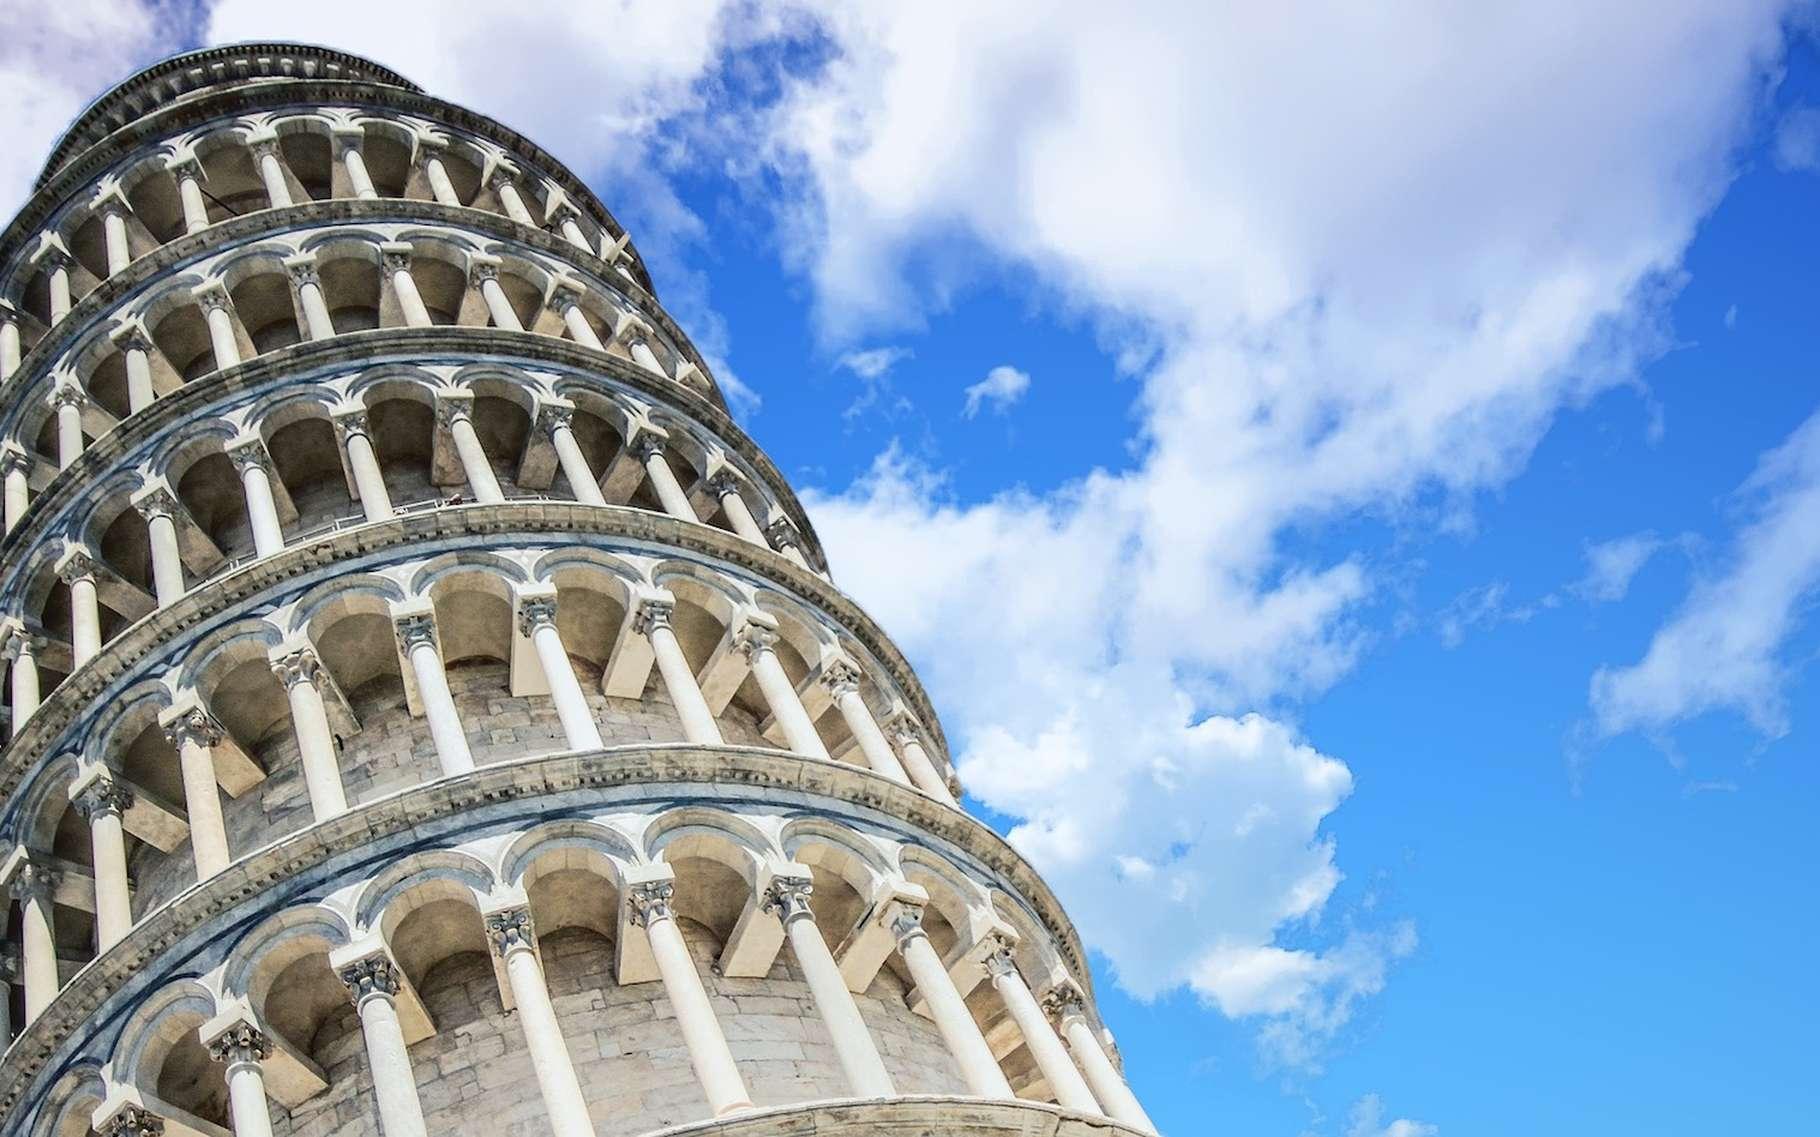 La tour de Pise penche, mais elle sait résister aux tremblements de terre. © TheDigitalArtist, Pixabay, CC0 Creative Commons